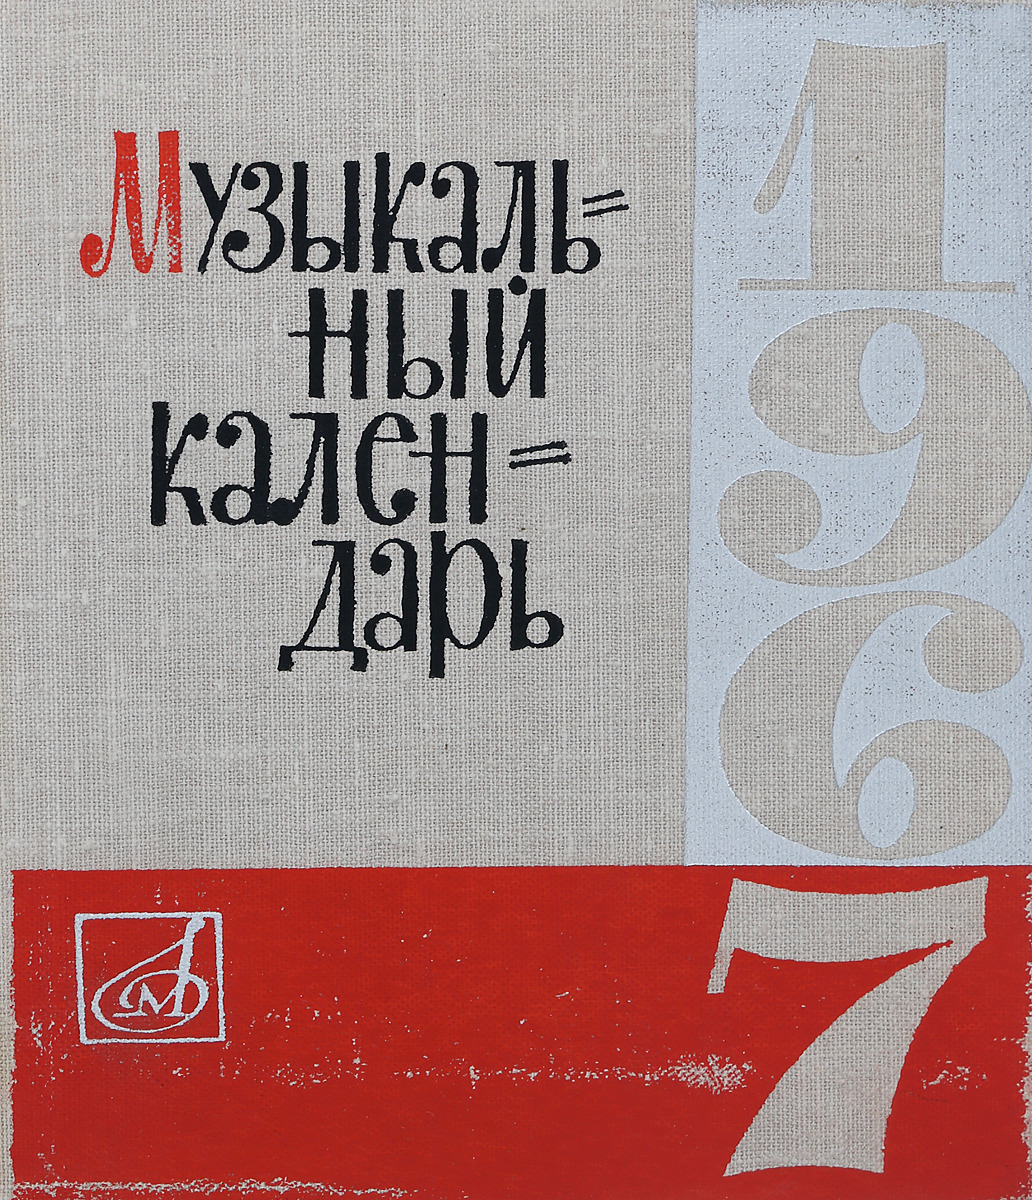 Сост. Л. Григорьев, Я. Платек Музыкальный календарь на 1967 год орлова л сост гауди